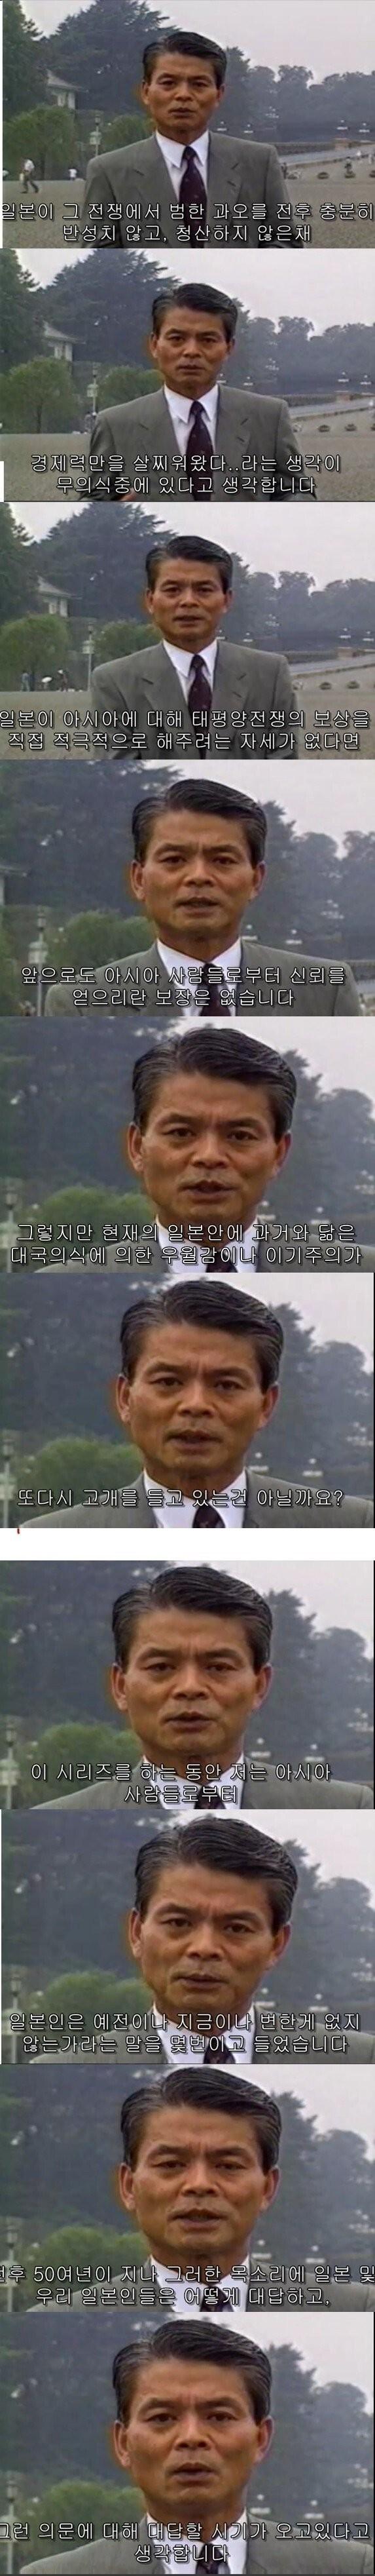 90년대 일본 아나운서의 멘트